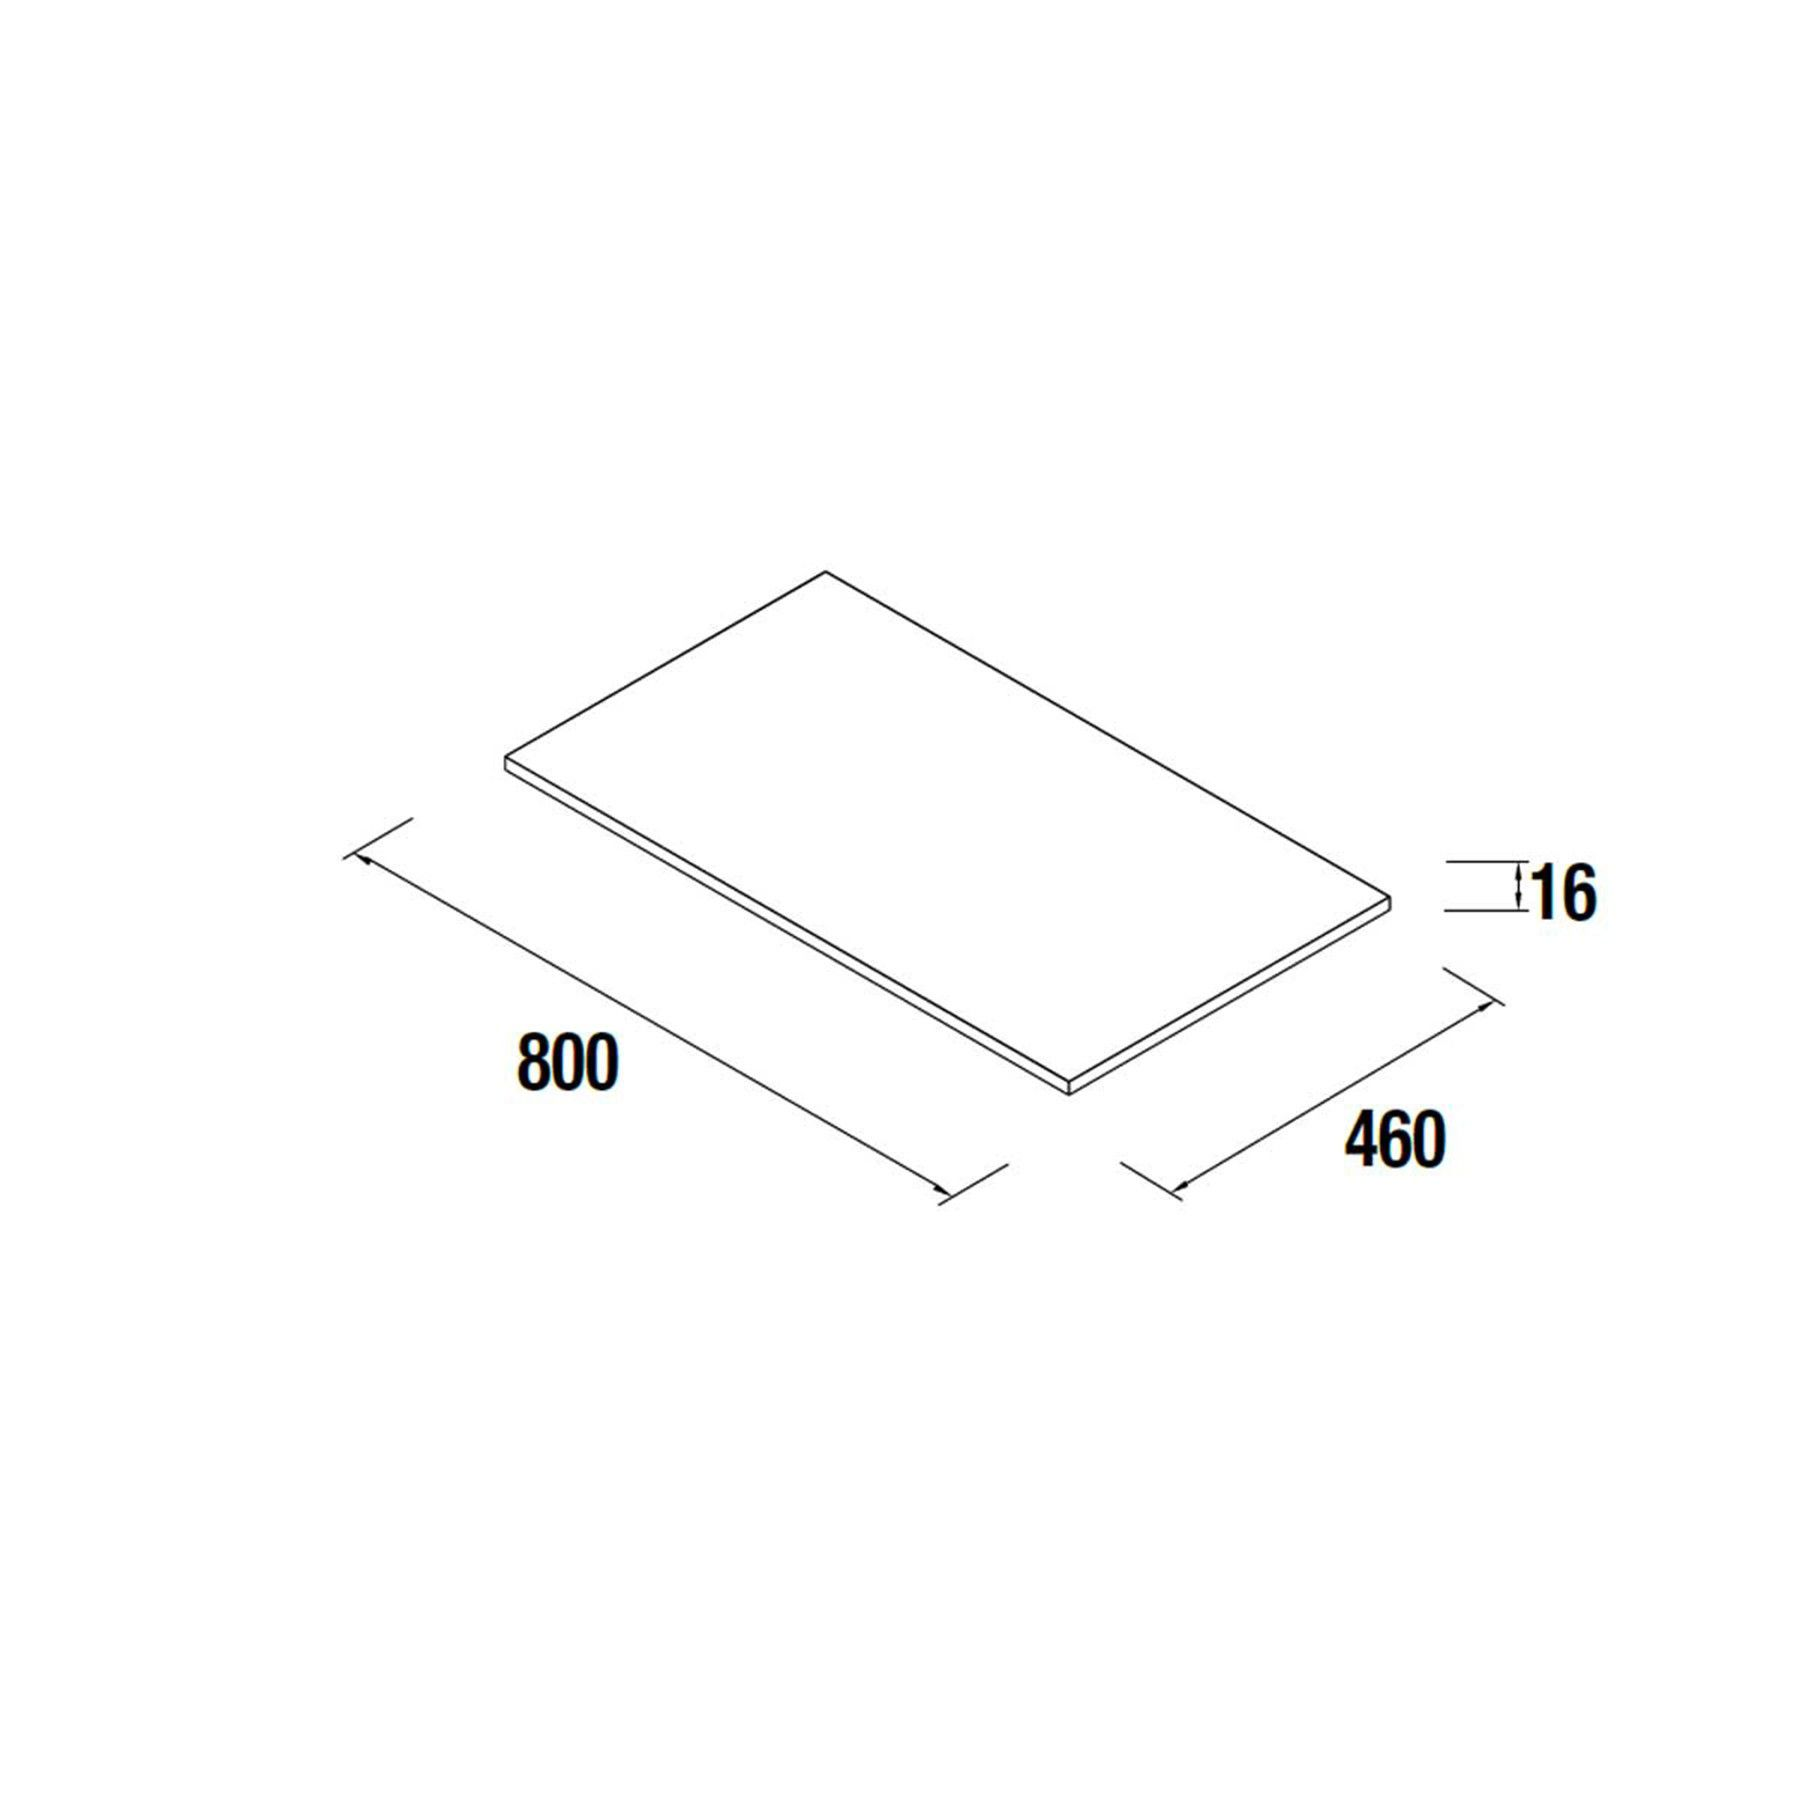 Plan de toilette Alliance 80cm - 7 coloris au choix (épaisseur 16mm) - SALGAR Réf. 22960